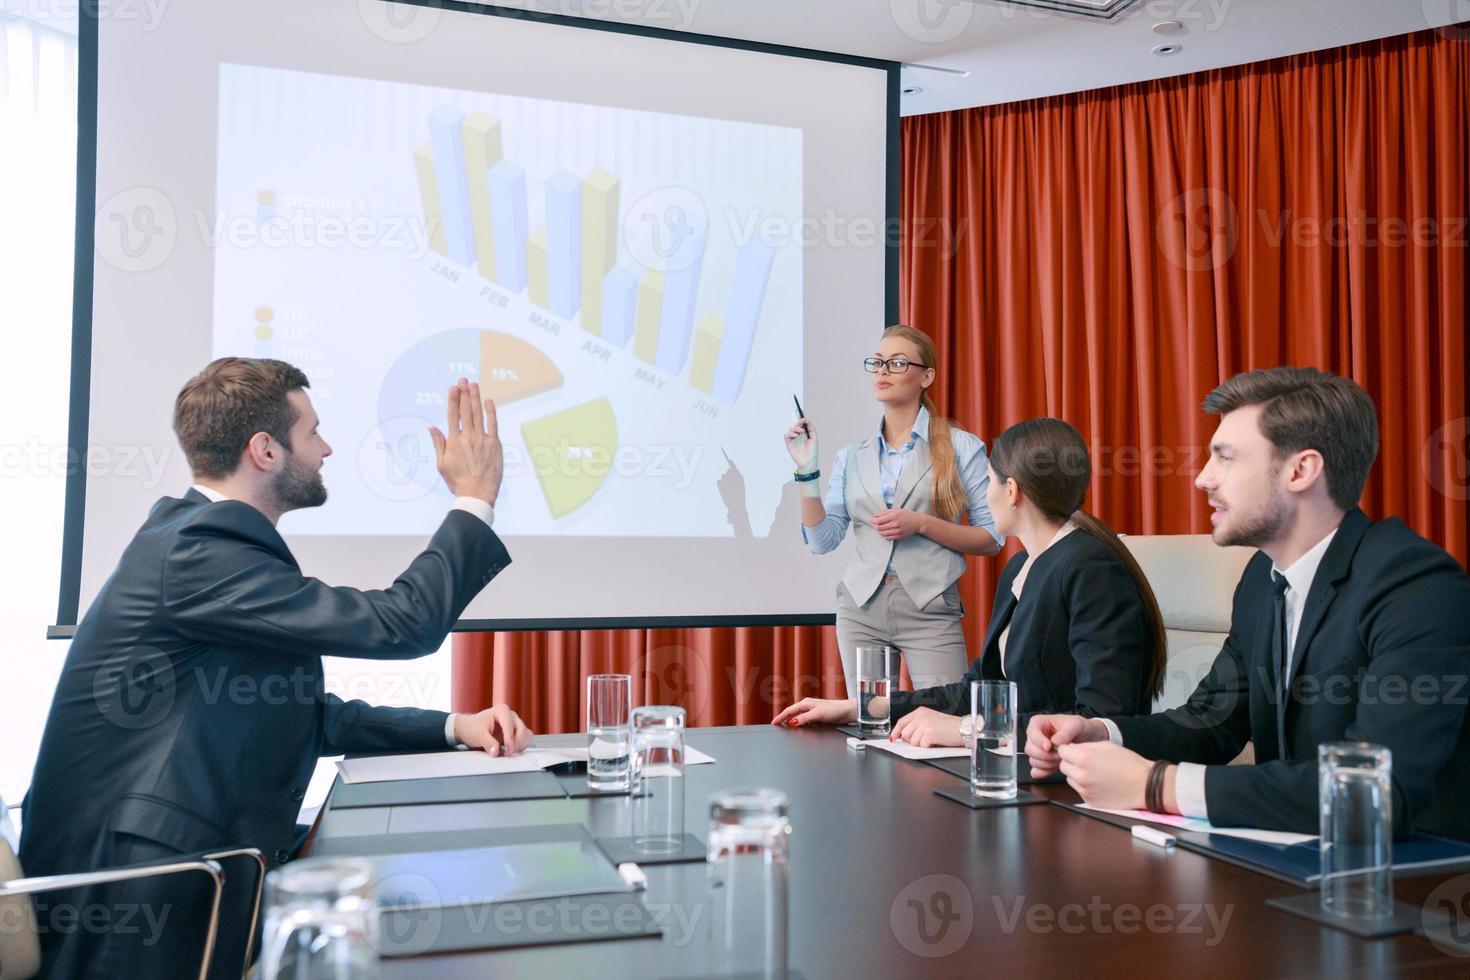 Präsentation beim Treffen foto